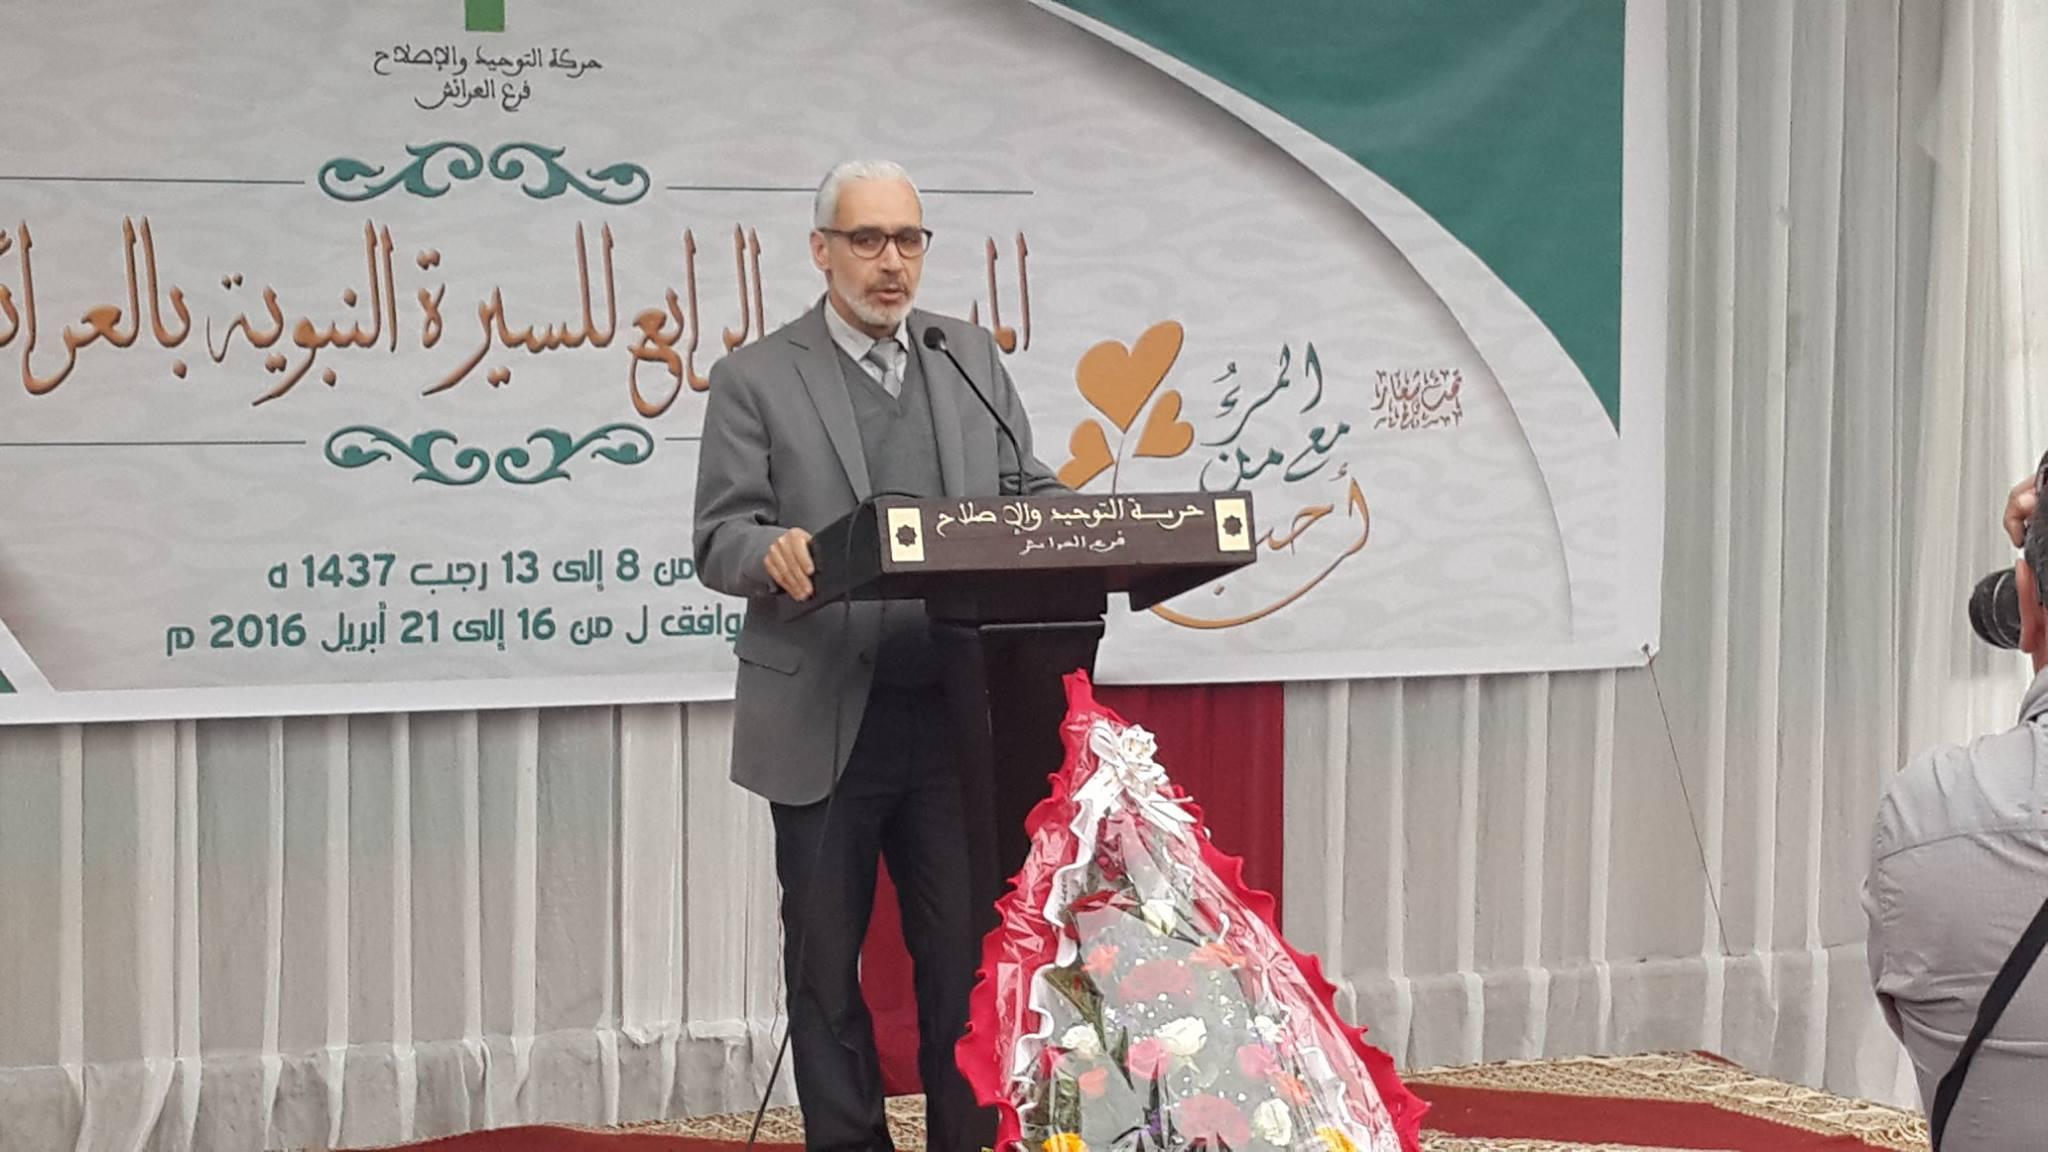 حركة التوحيد والإصلاح بالعرائش تنظم المهرجان الرابع للسيرة النبوية